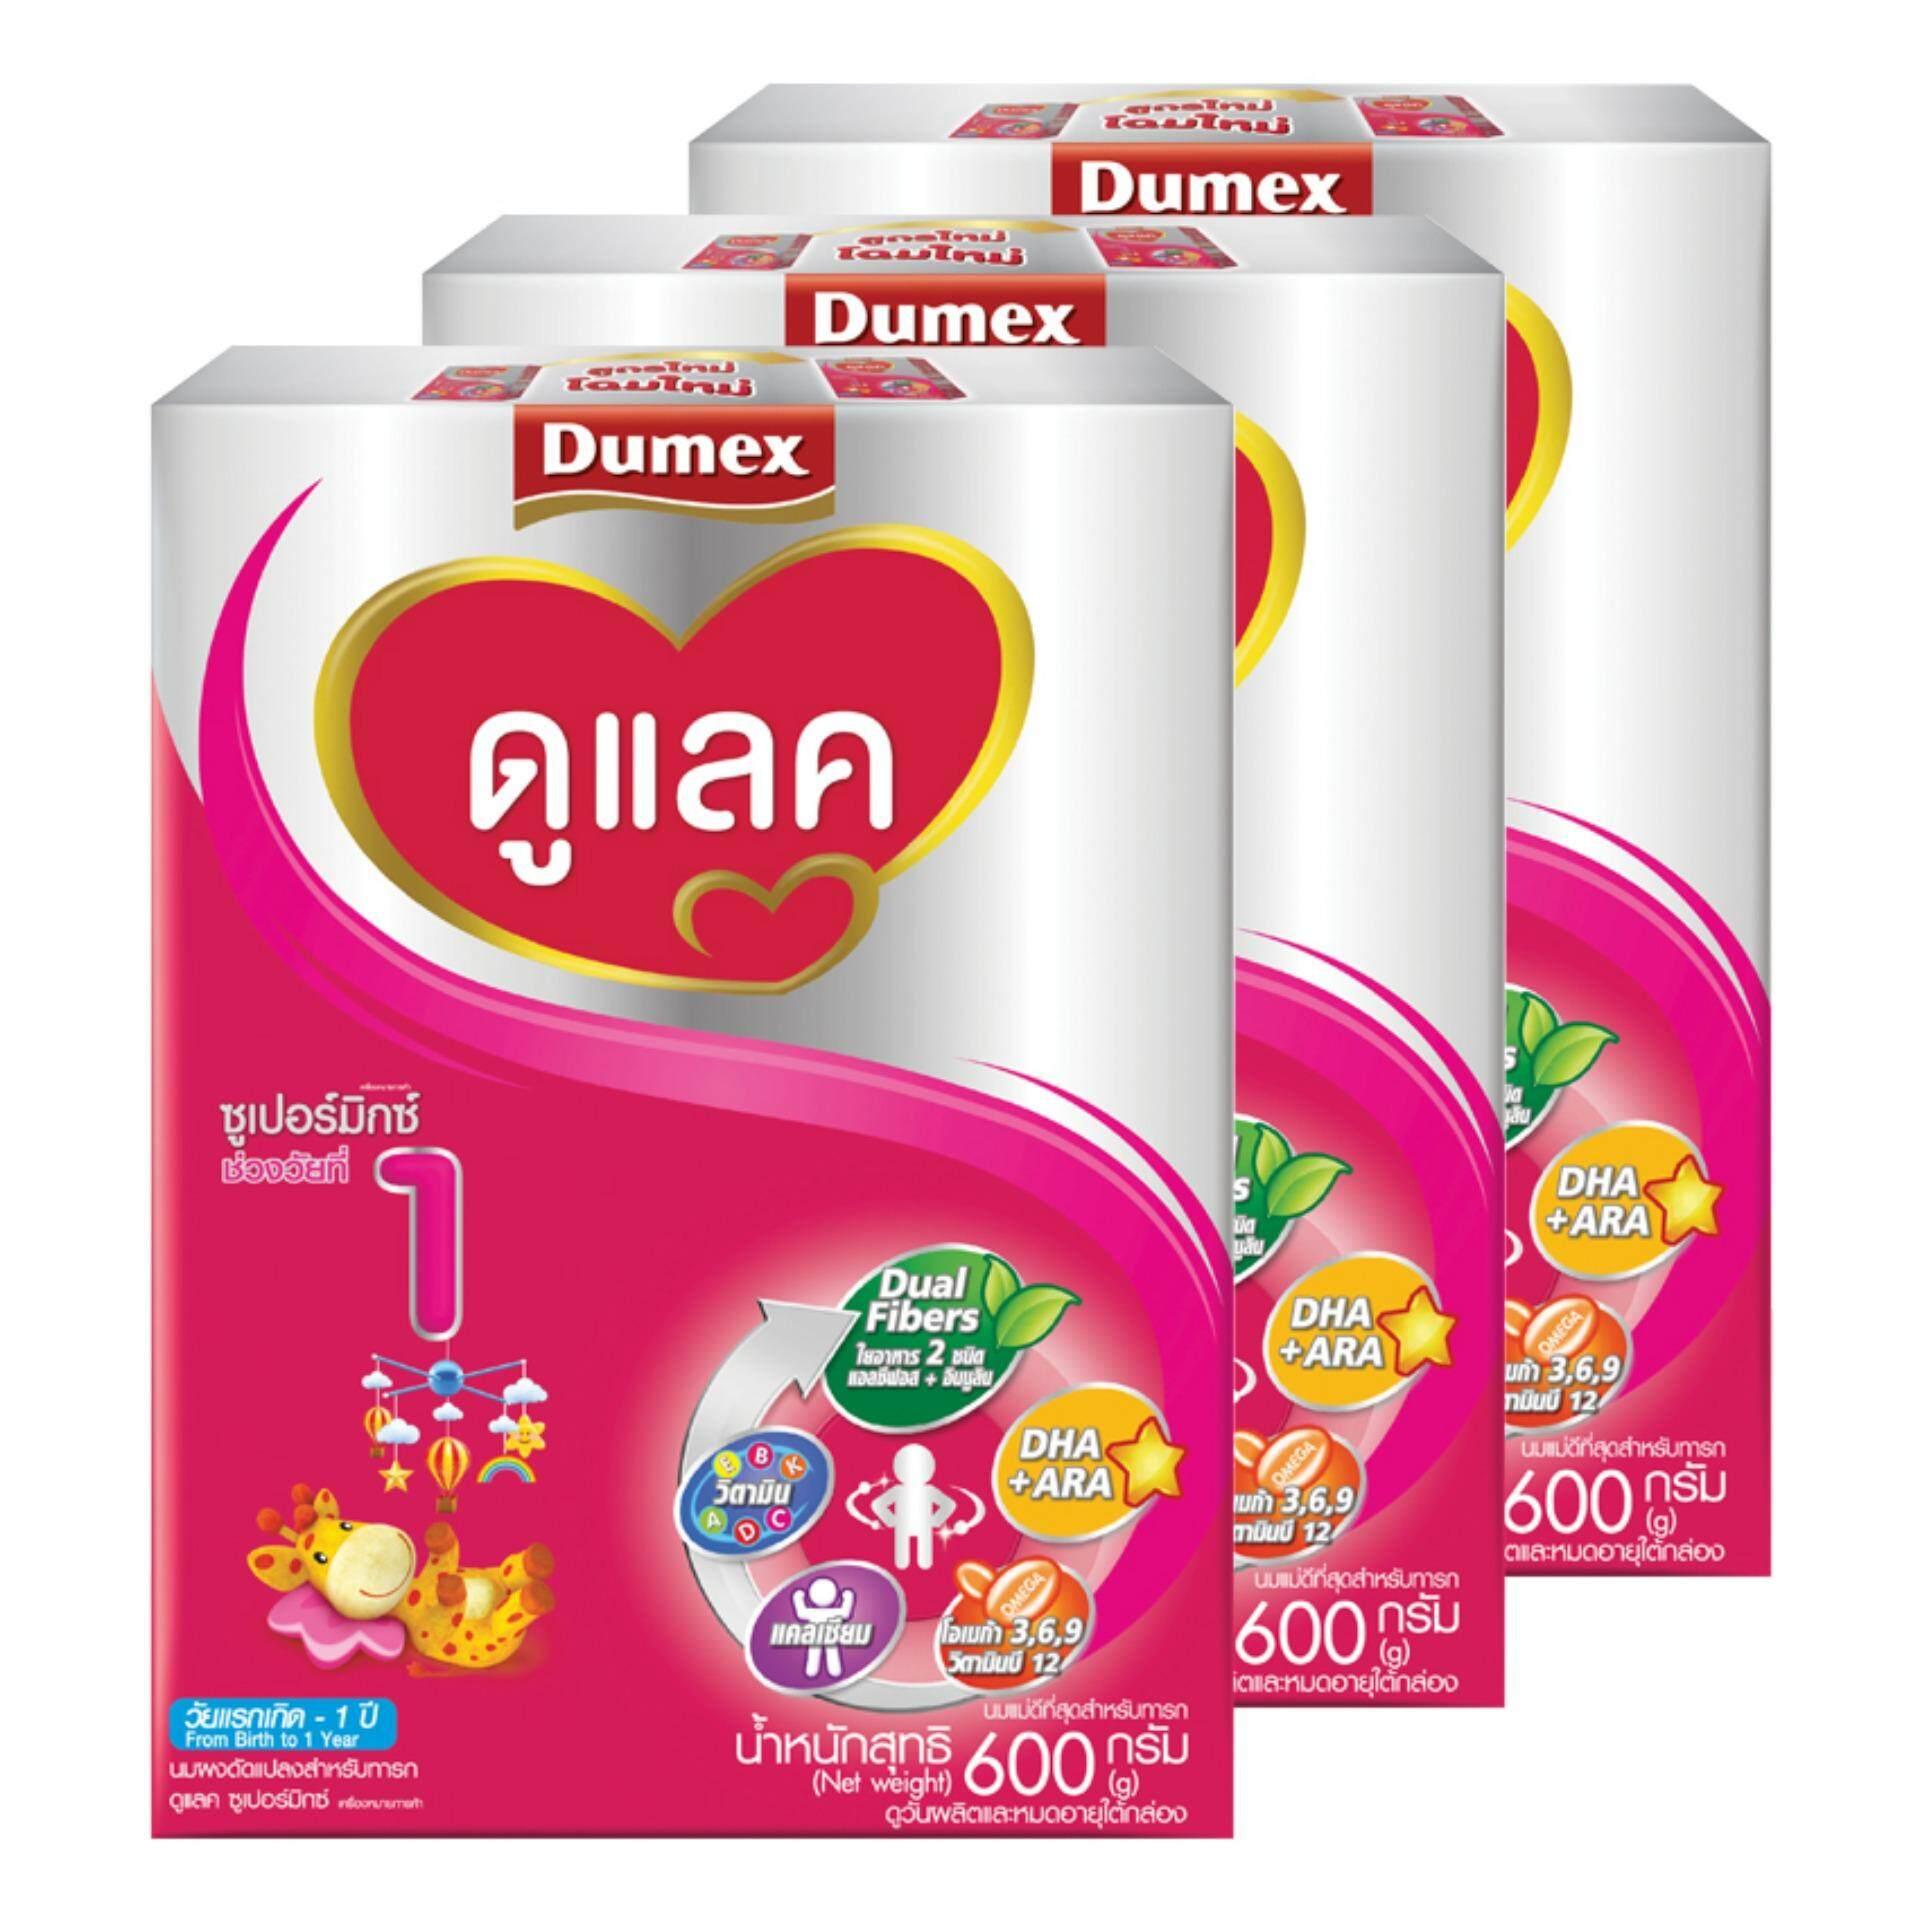 โปรโมชั่น ขายยกลัง Dumex ดูเม็กซ์ นมผง ดูแลค 600 กรัม ทั้งหมด 3 กล่อง